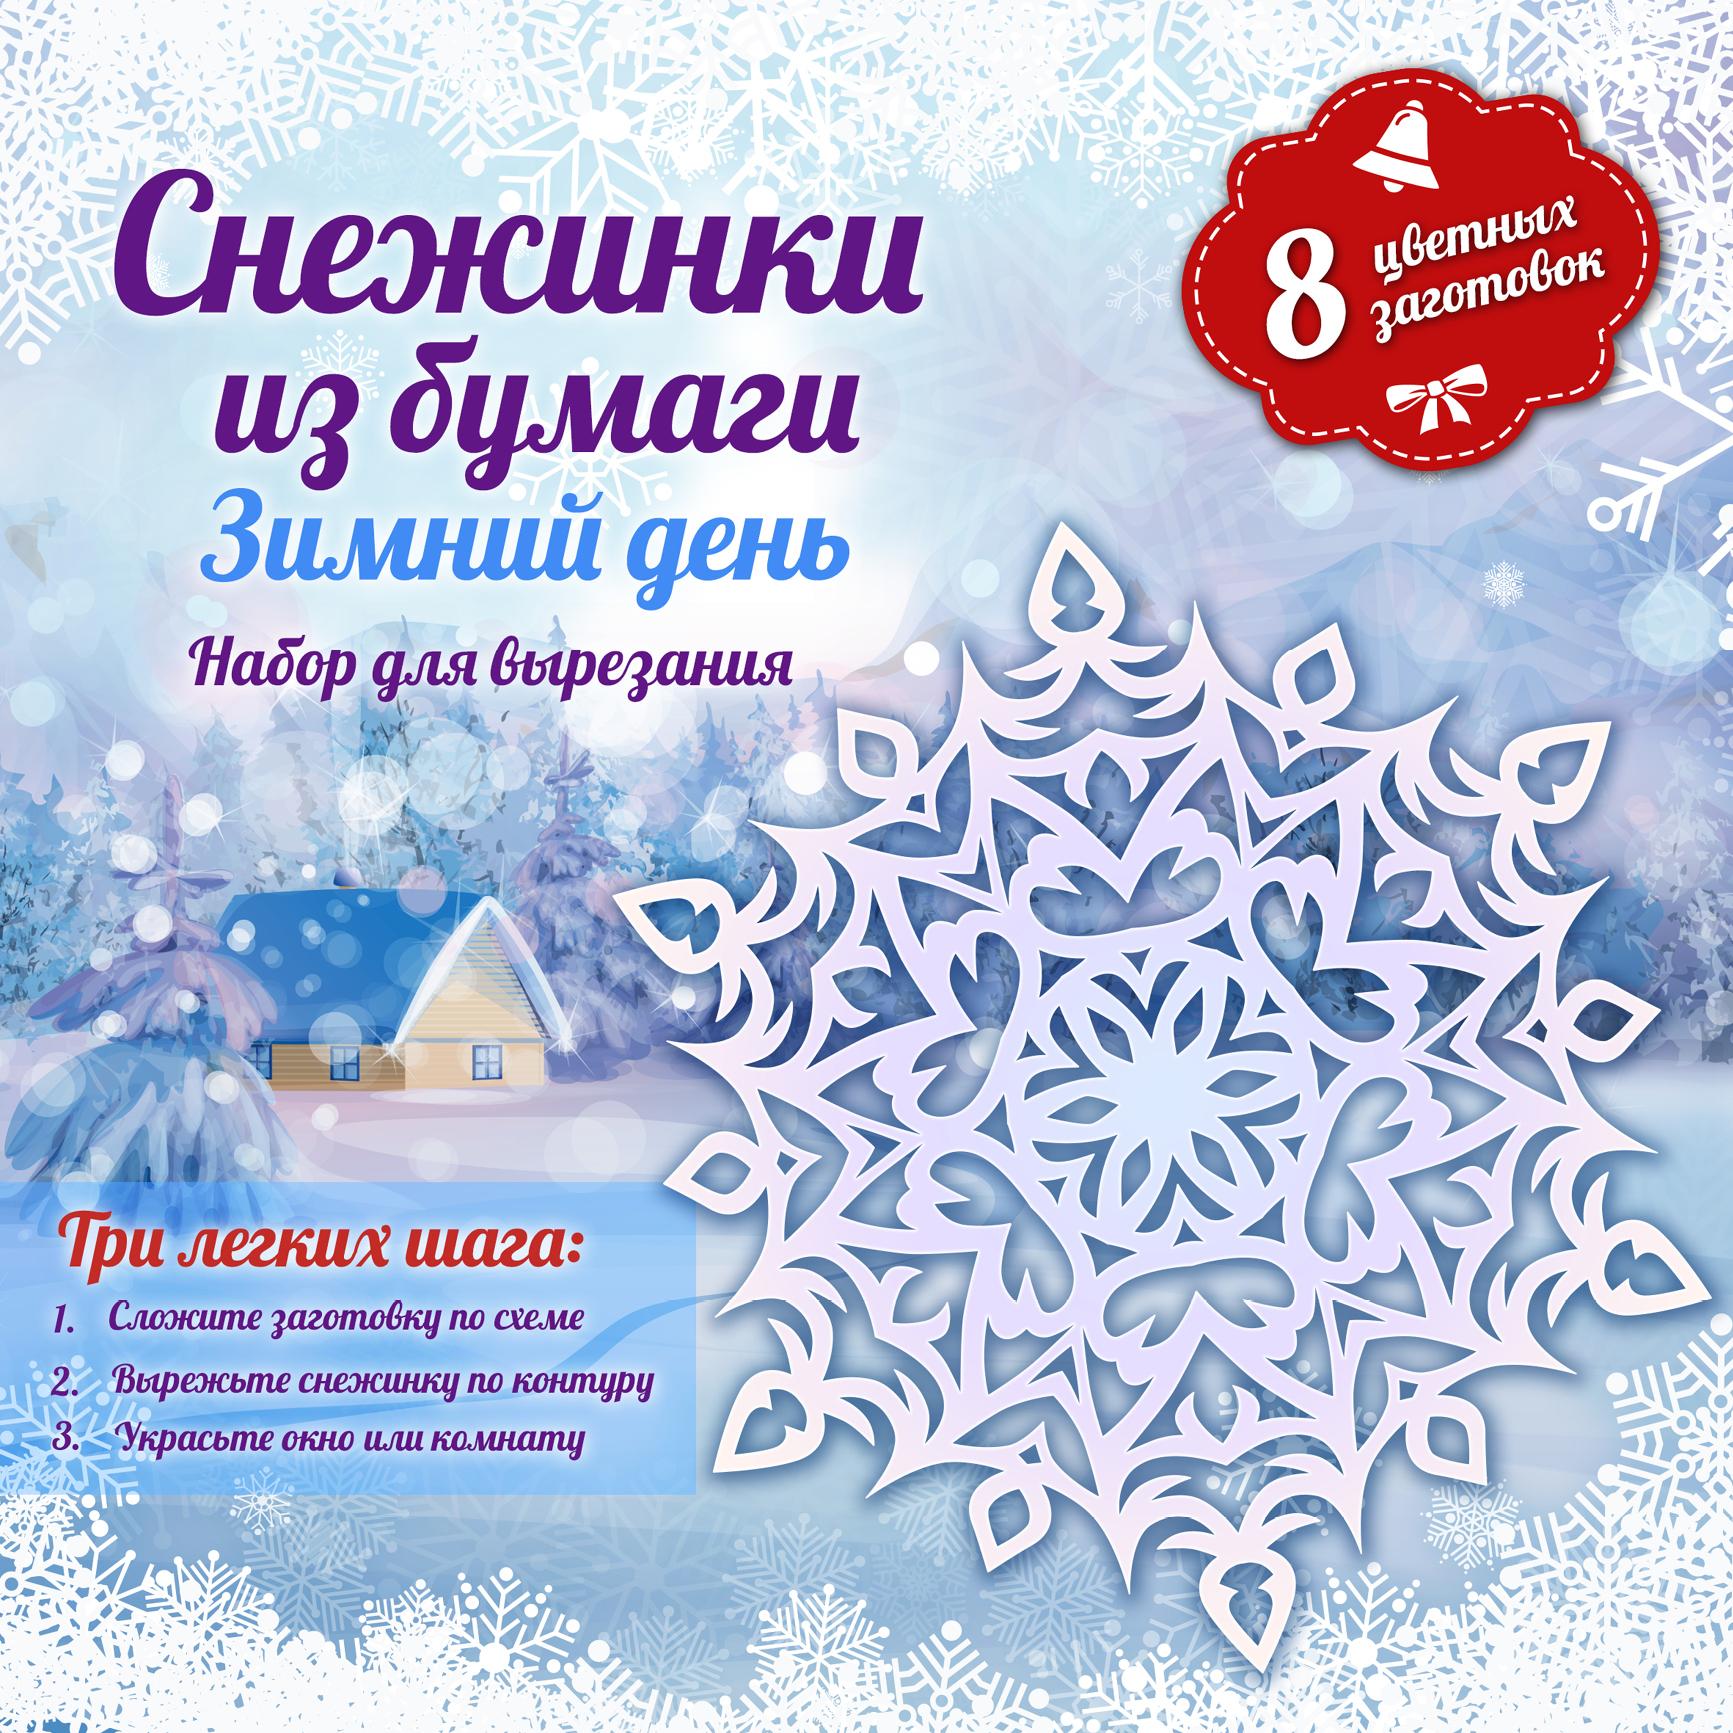 Зайцева А.А. Снежинки из бумаги: Зимний день